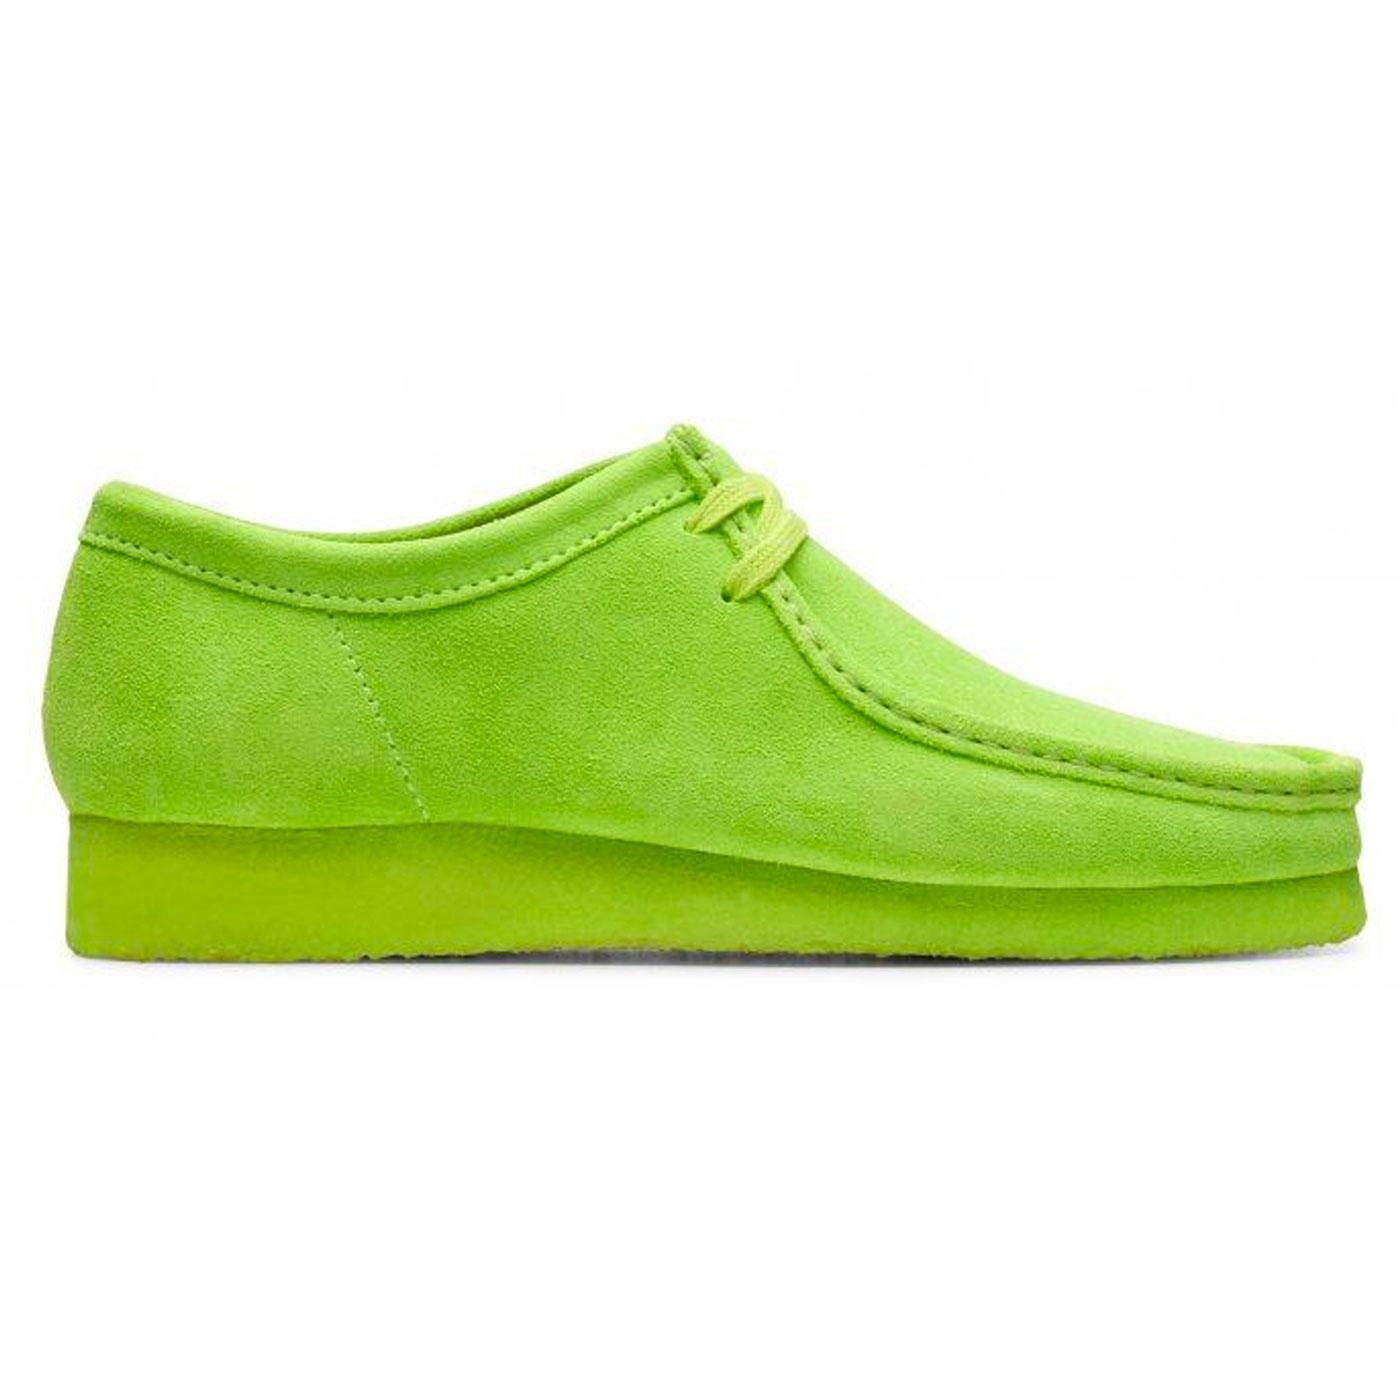 Wallabee CLARKS ORIGINALS Retro Suede Shoes LIME